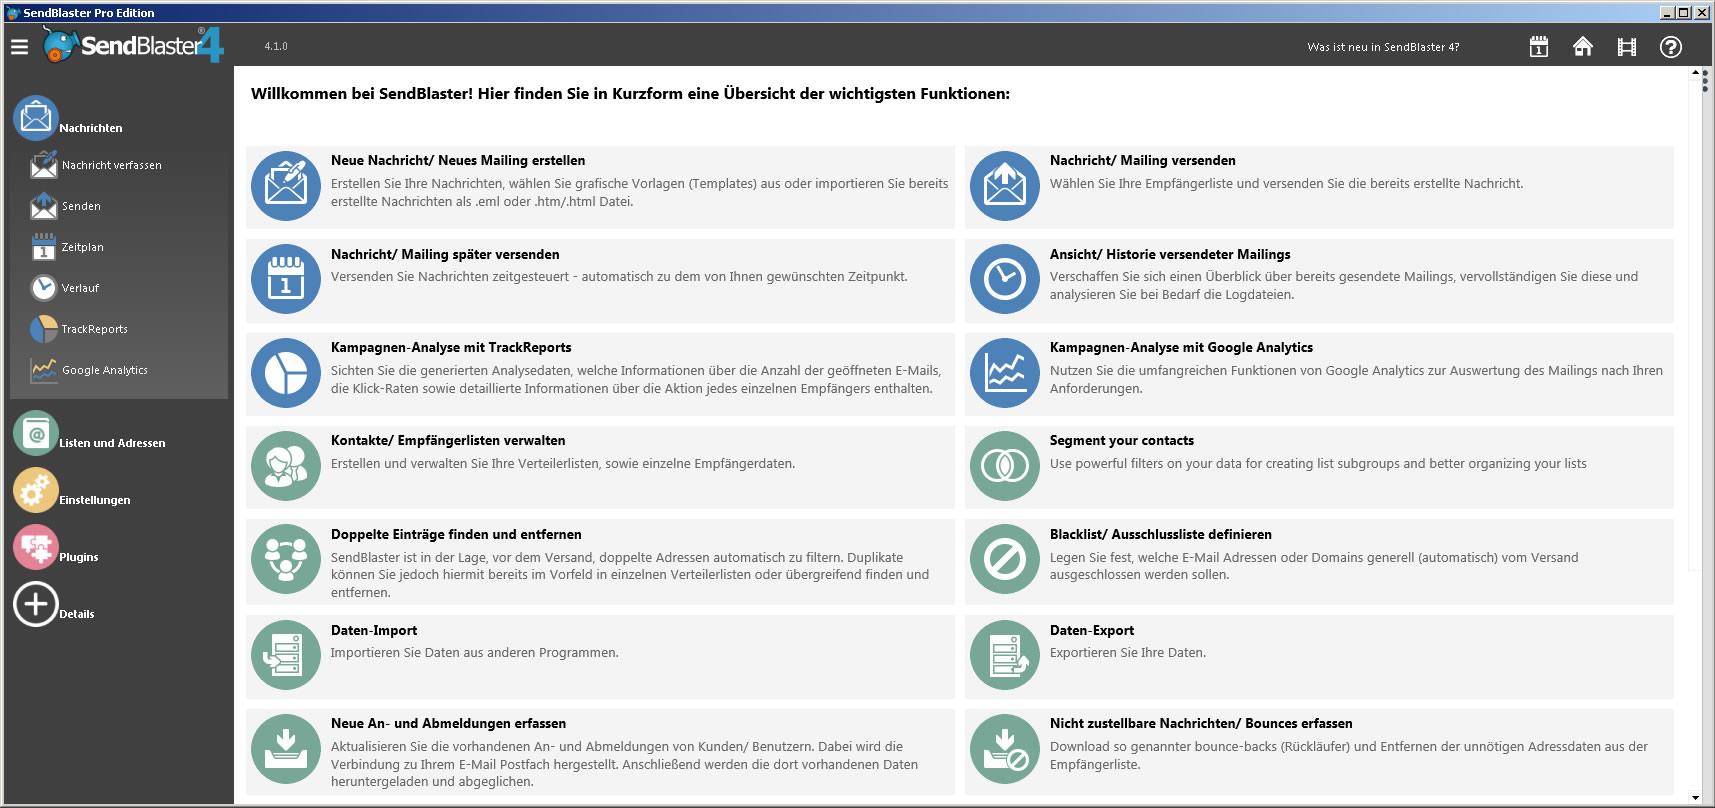 newsletter-software-sendblaster4_neue_funktionen